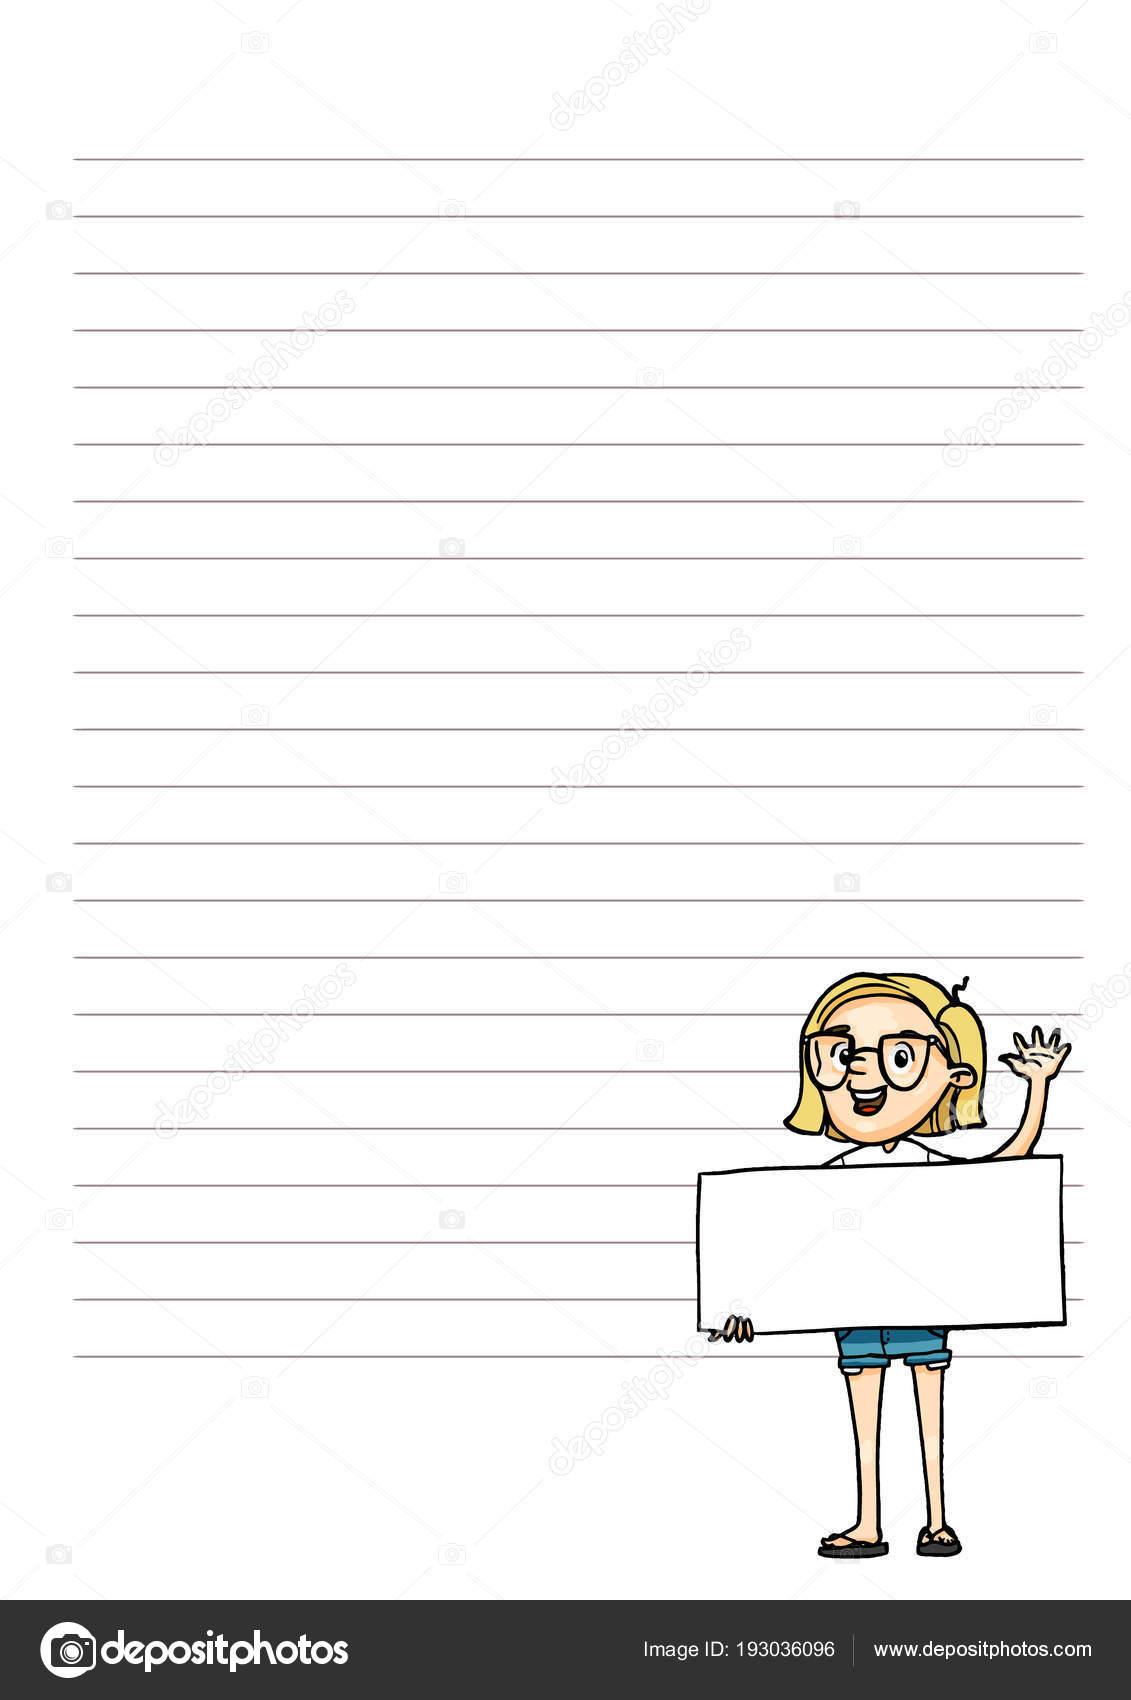 Seite für Notizen. Planer mit niedlichen Cartoon Charakter. Vektor ...